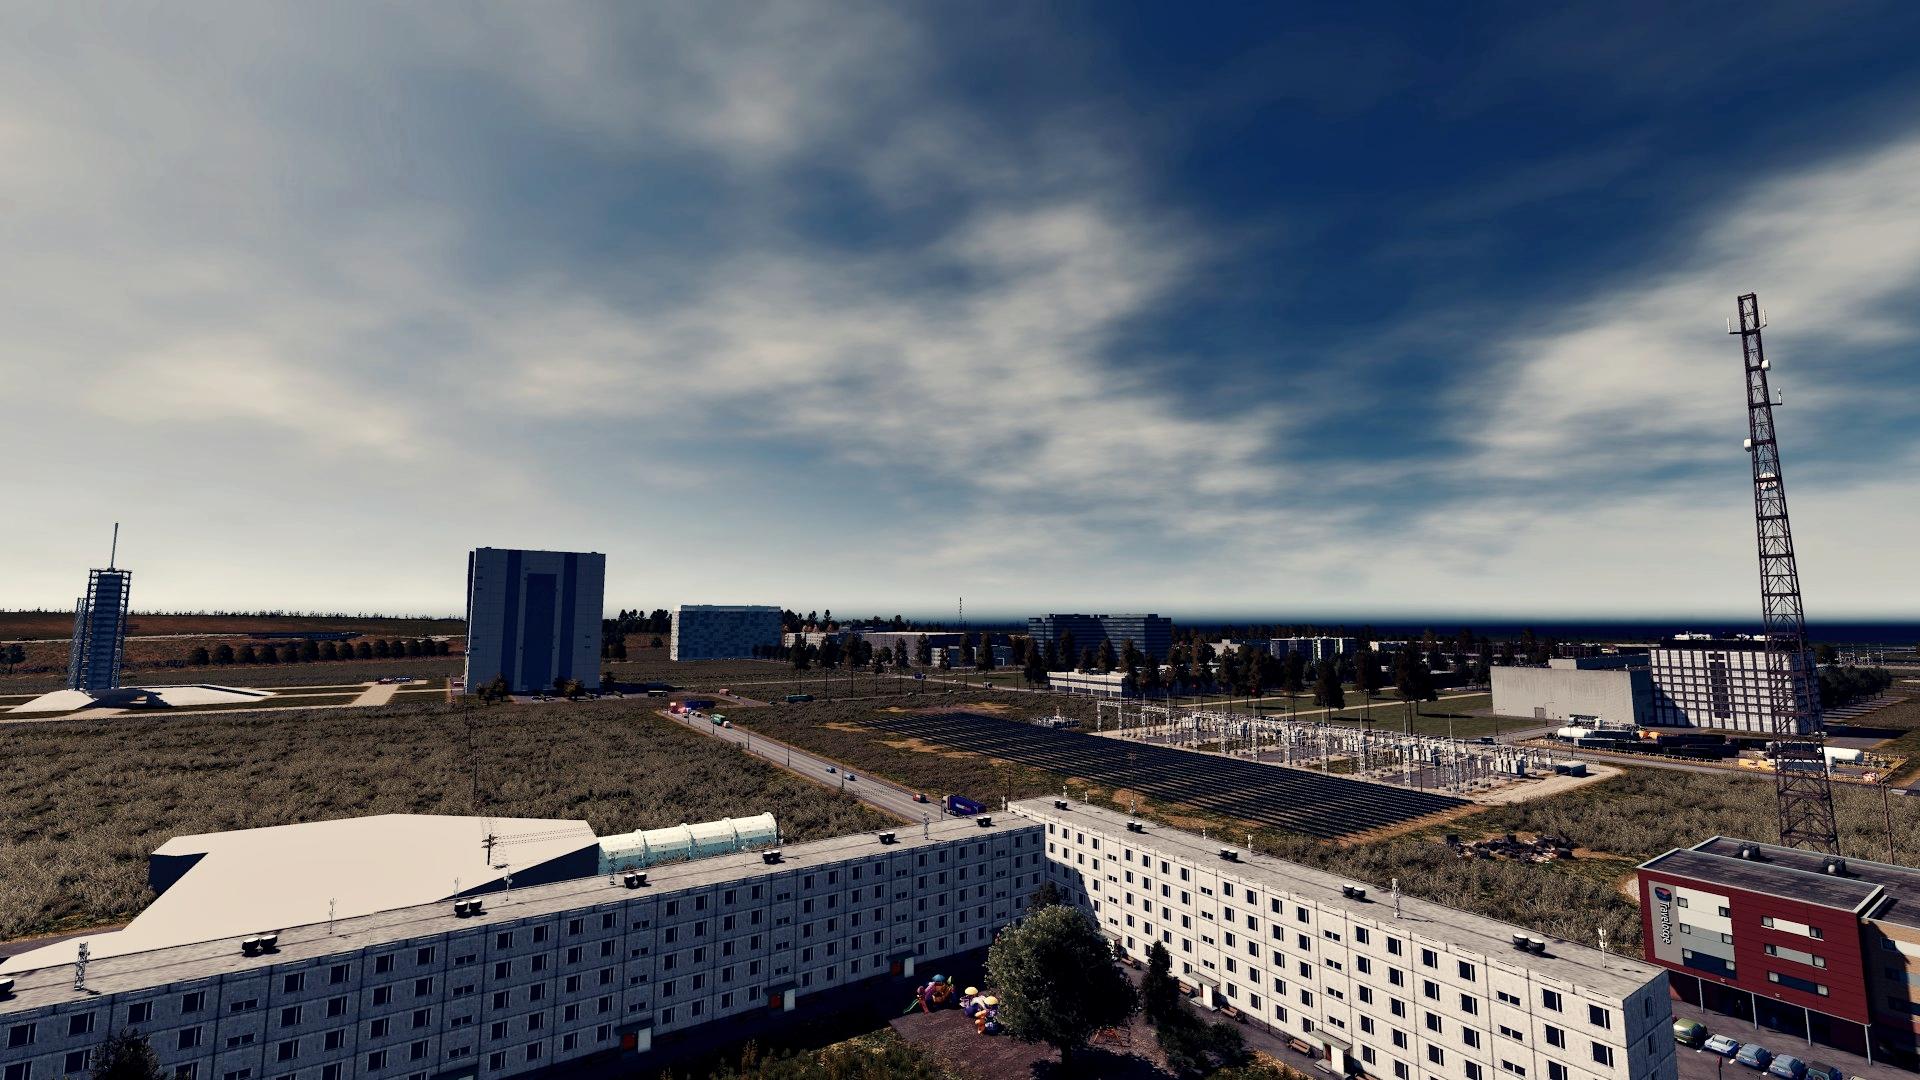 Djavolja Varos. (Maj complexe pétrolier p6, par industriel p5) à mettre à la corbeille sv - Page 3 180827112211933588